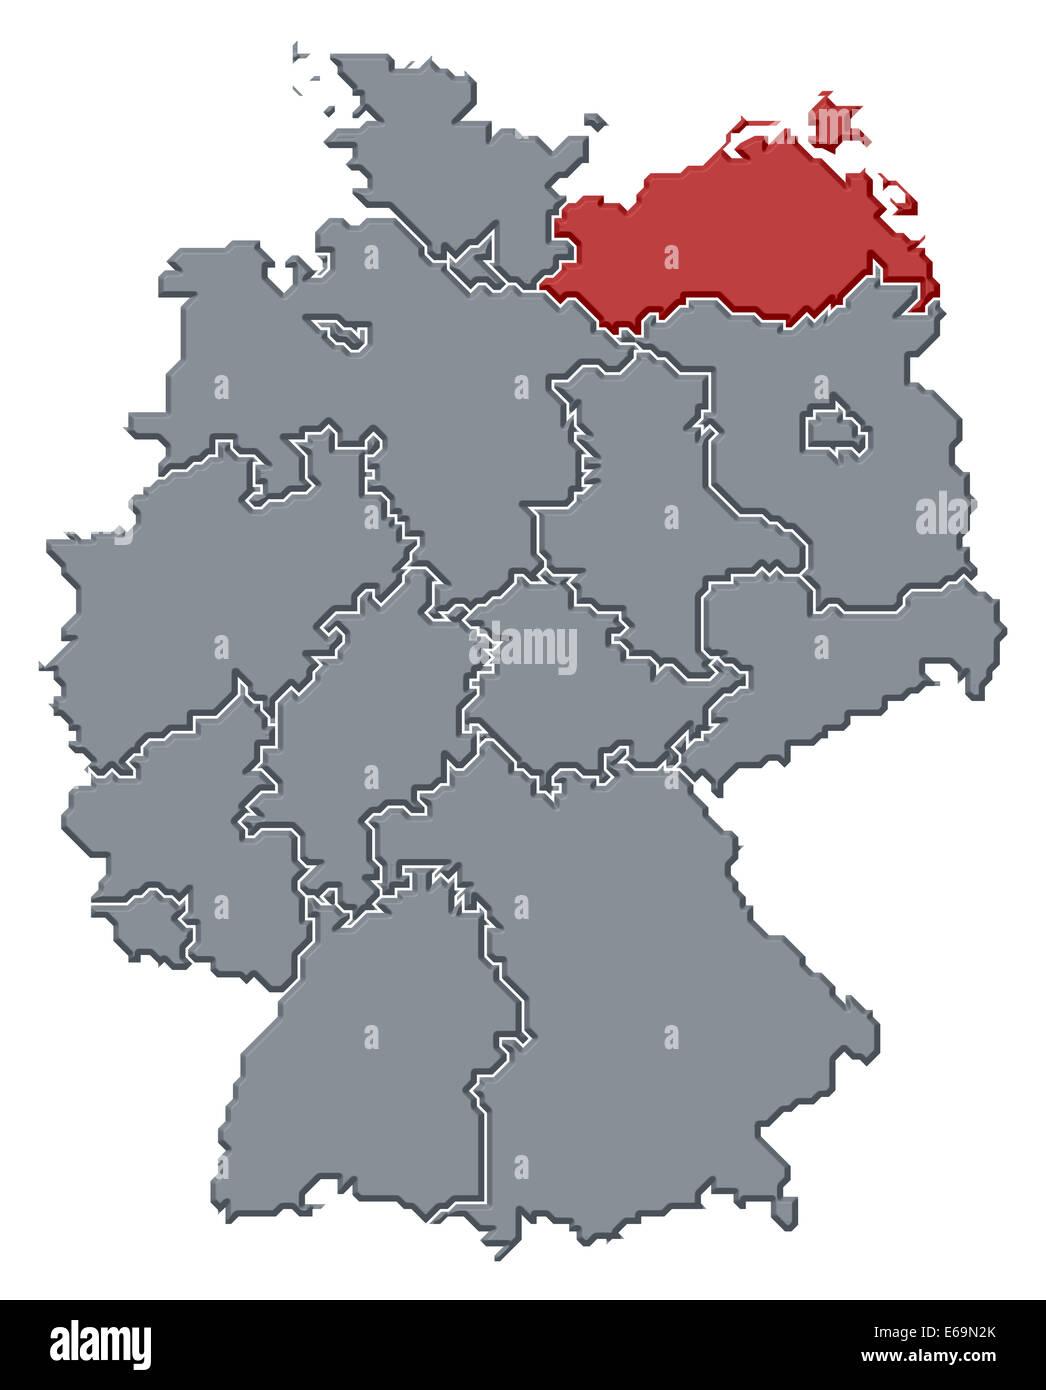 germanymecklenburg vorpommerngermany map Stock Photo Royalty Free